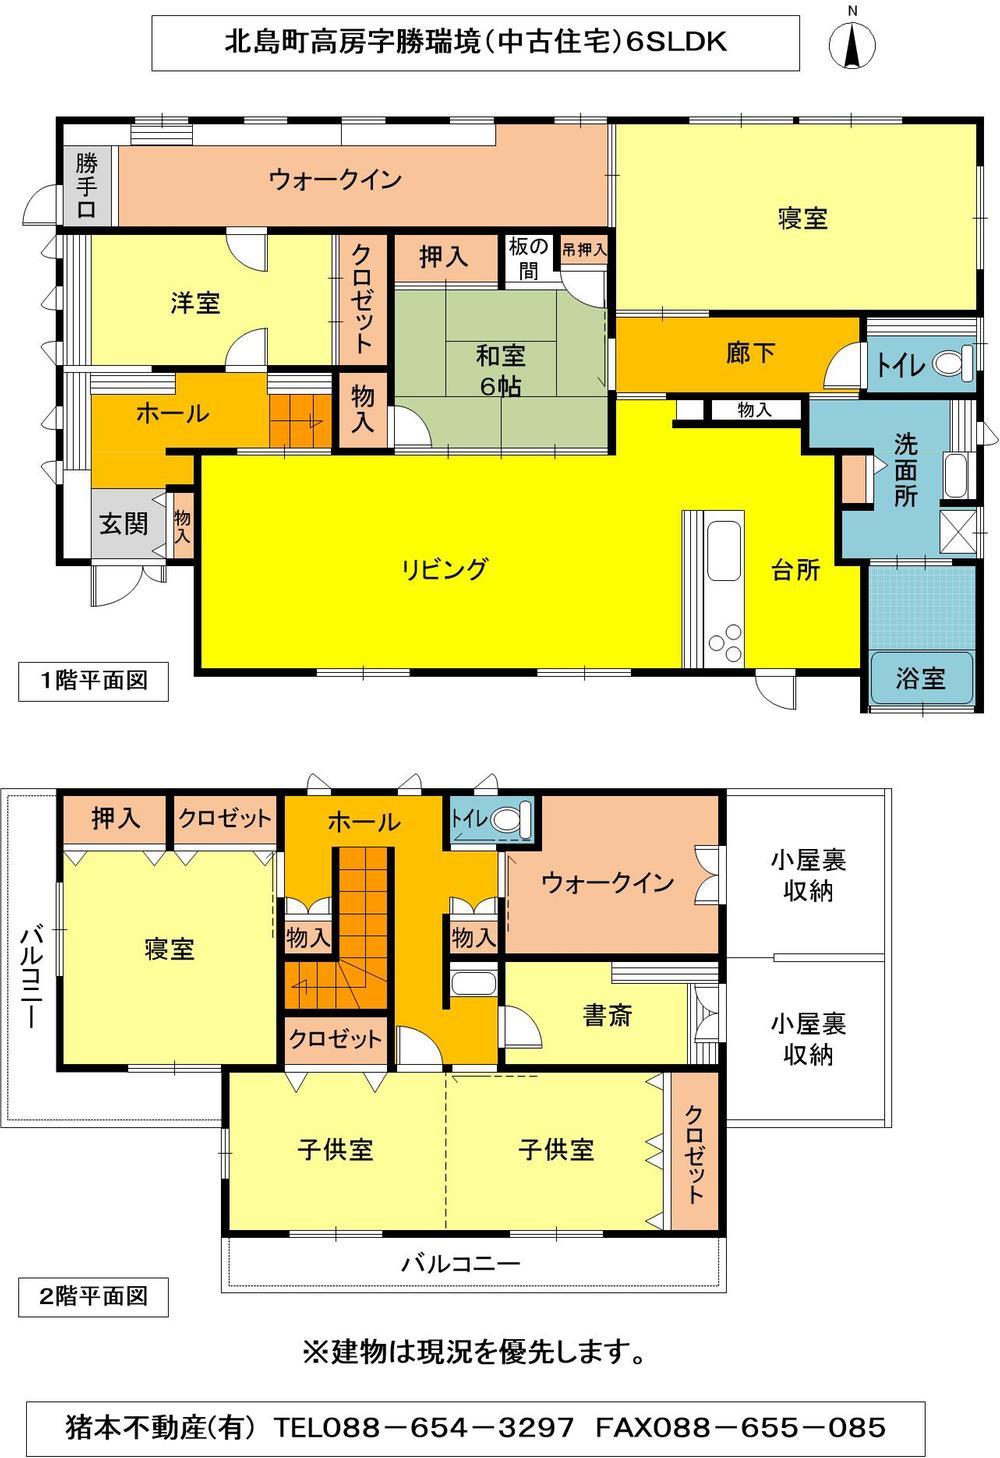 高房字勝瑞境 3480万円